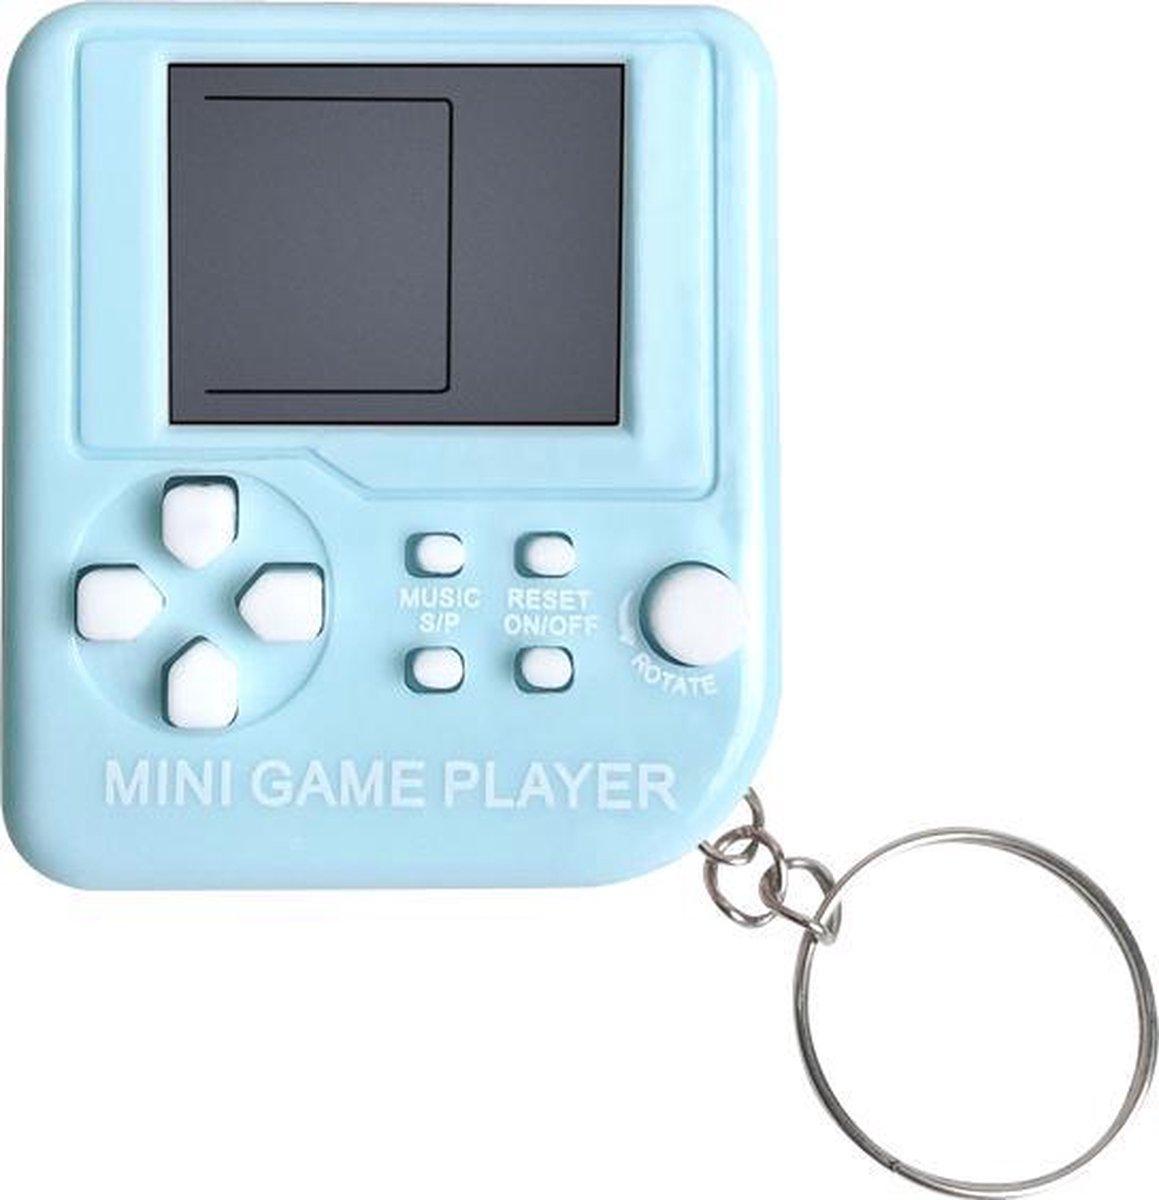 Mini Klassieke Tetris Spel Retro Spelcomputer Sleutelhanger LCD Spelletje - Blauw